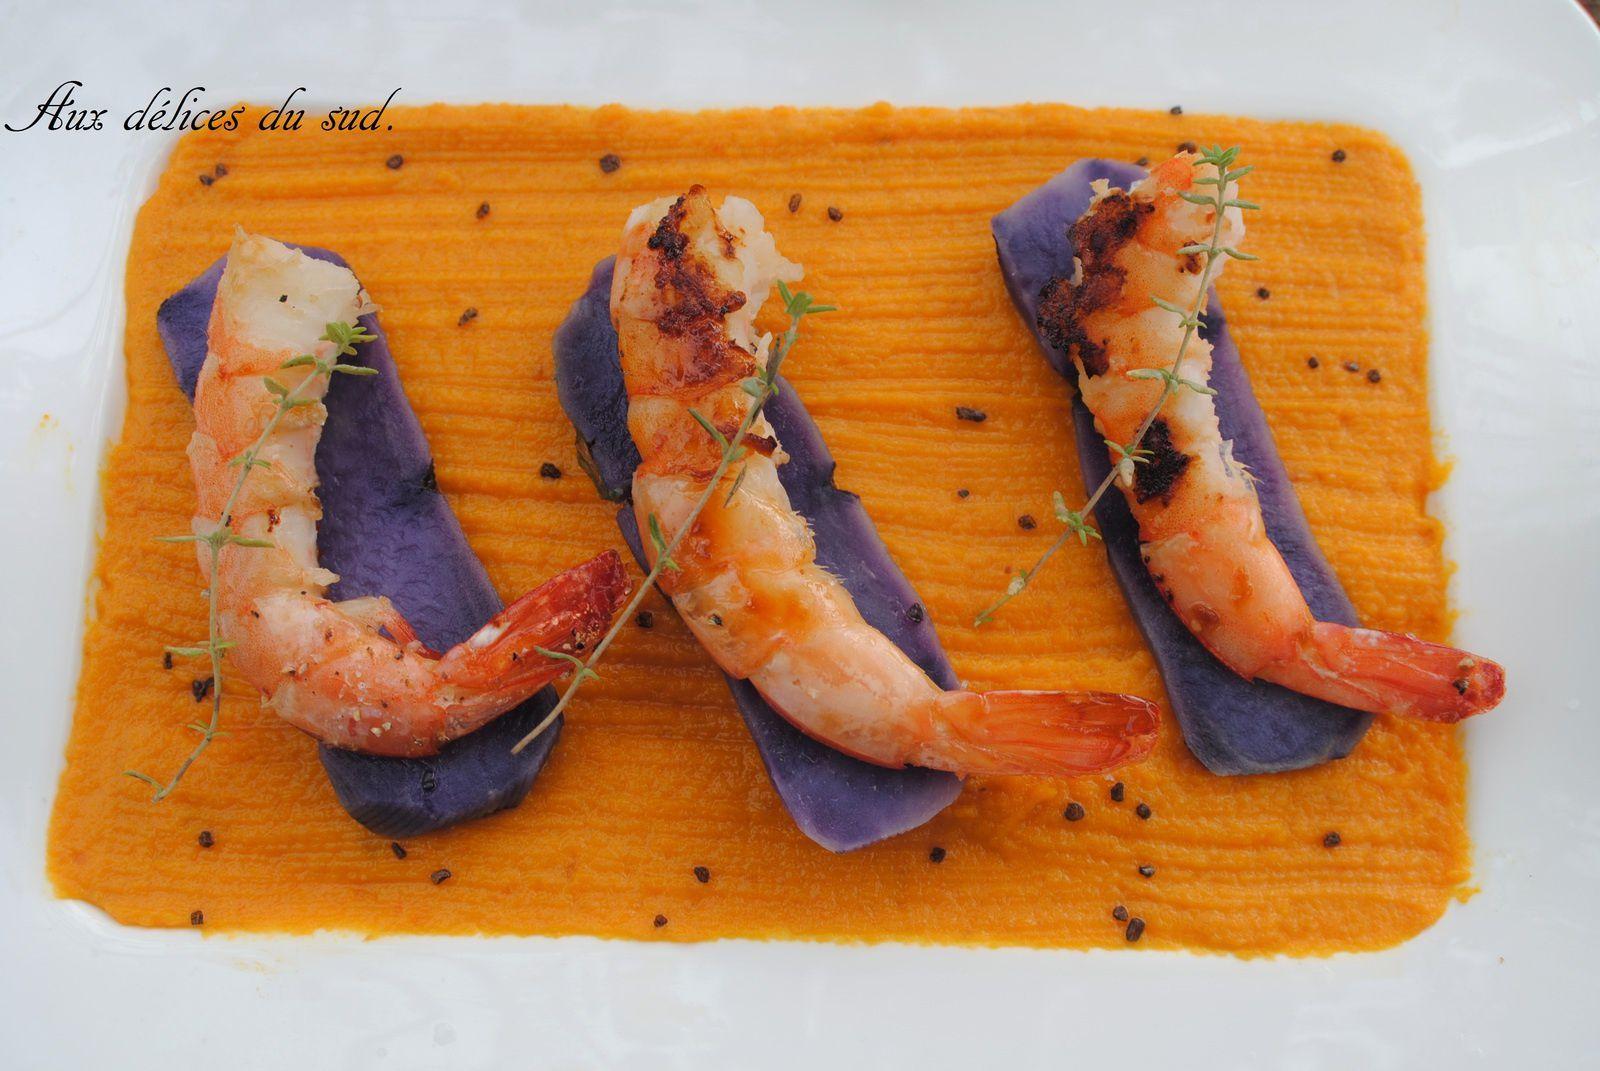 Crevettes au miel sur canapés de Vitelotte et purée de carottes au gingembre .